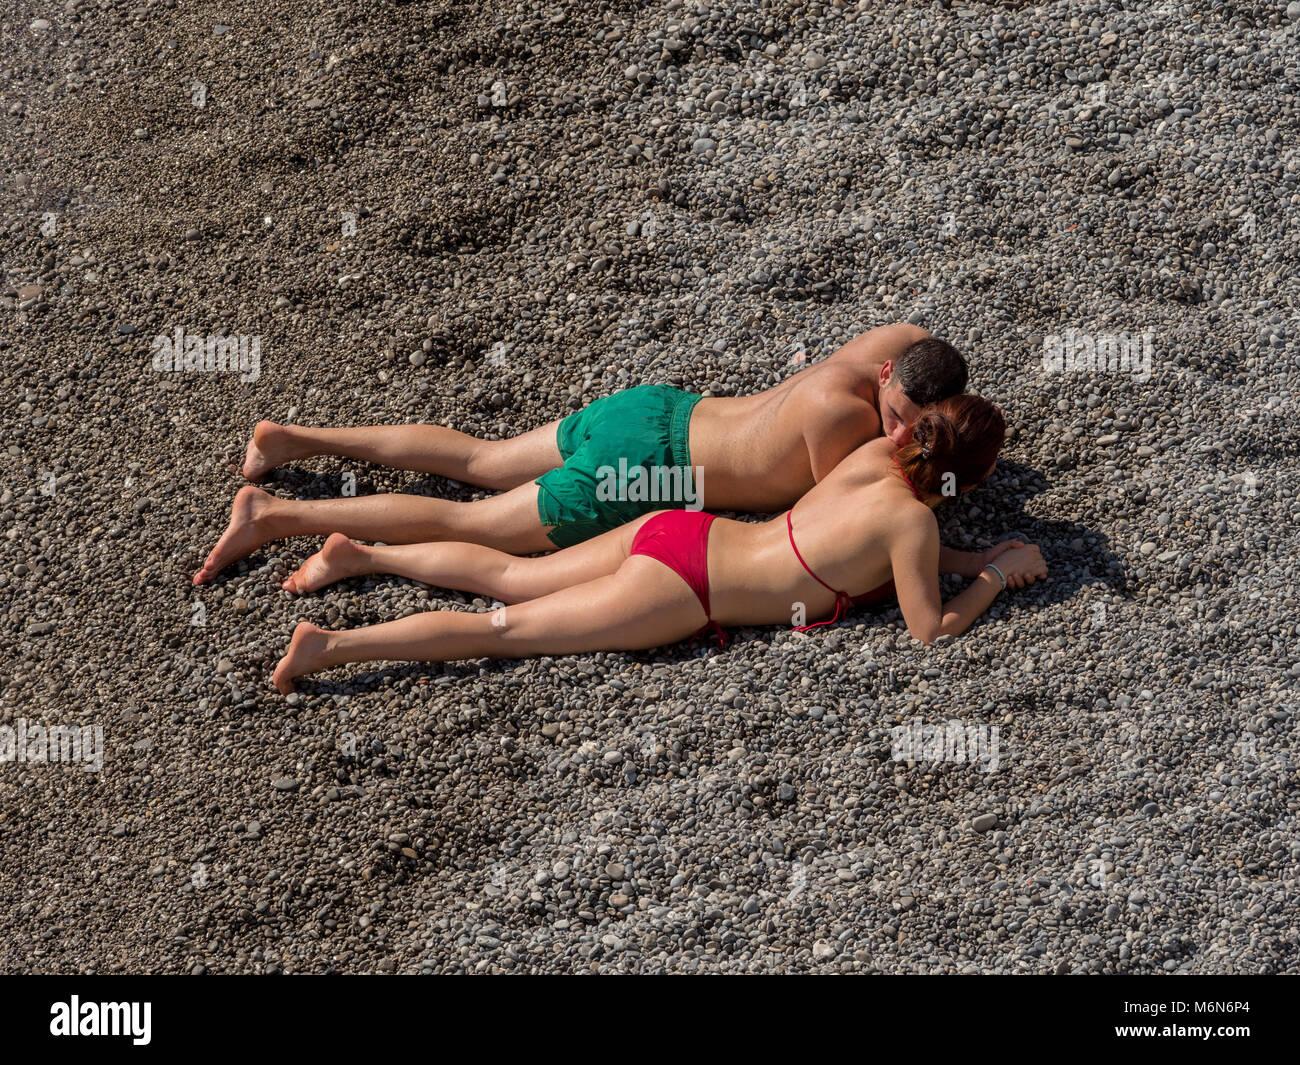 Young couple sunbathing on beach - Stock Image